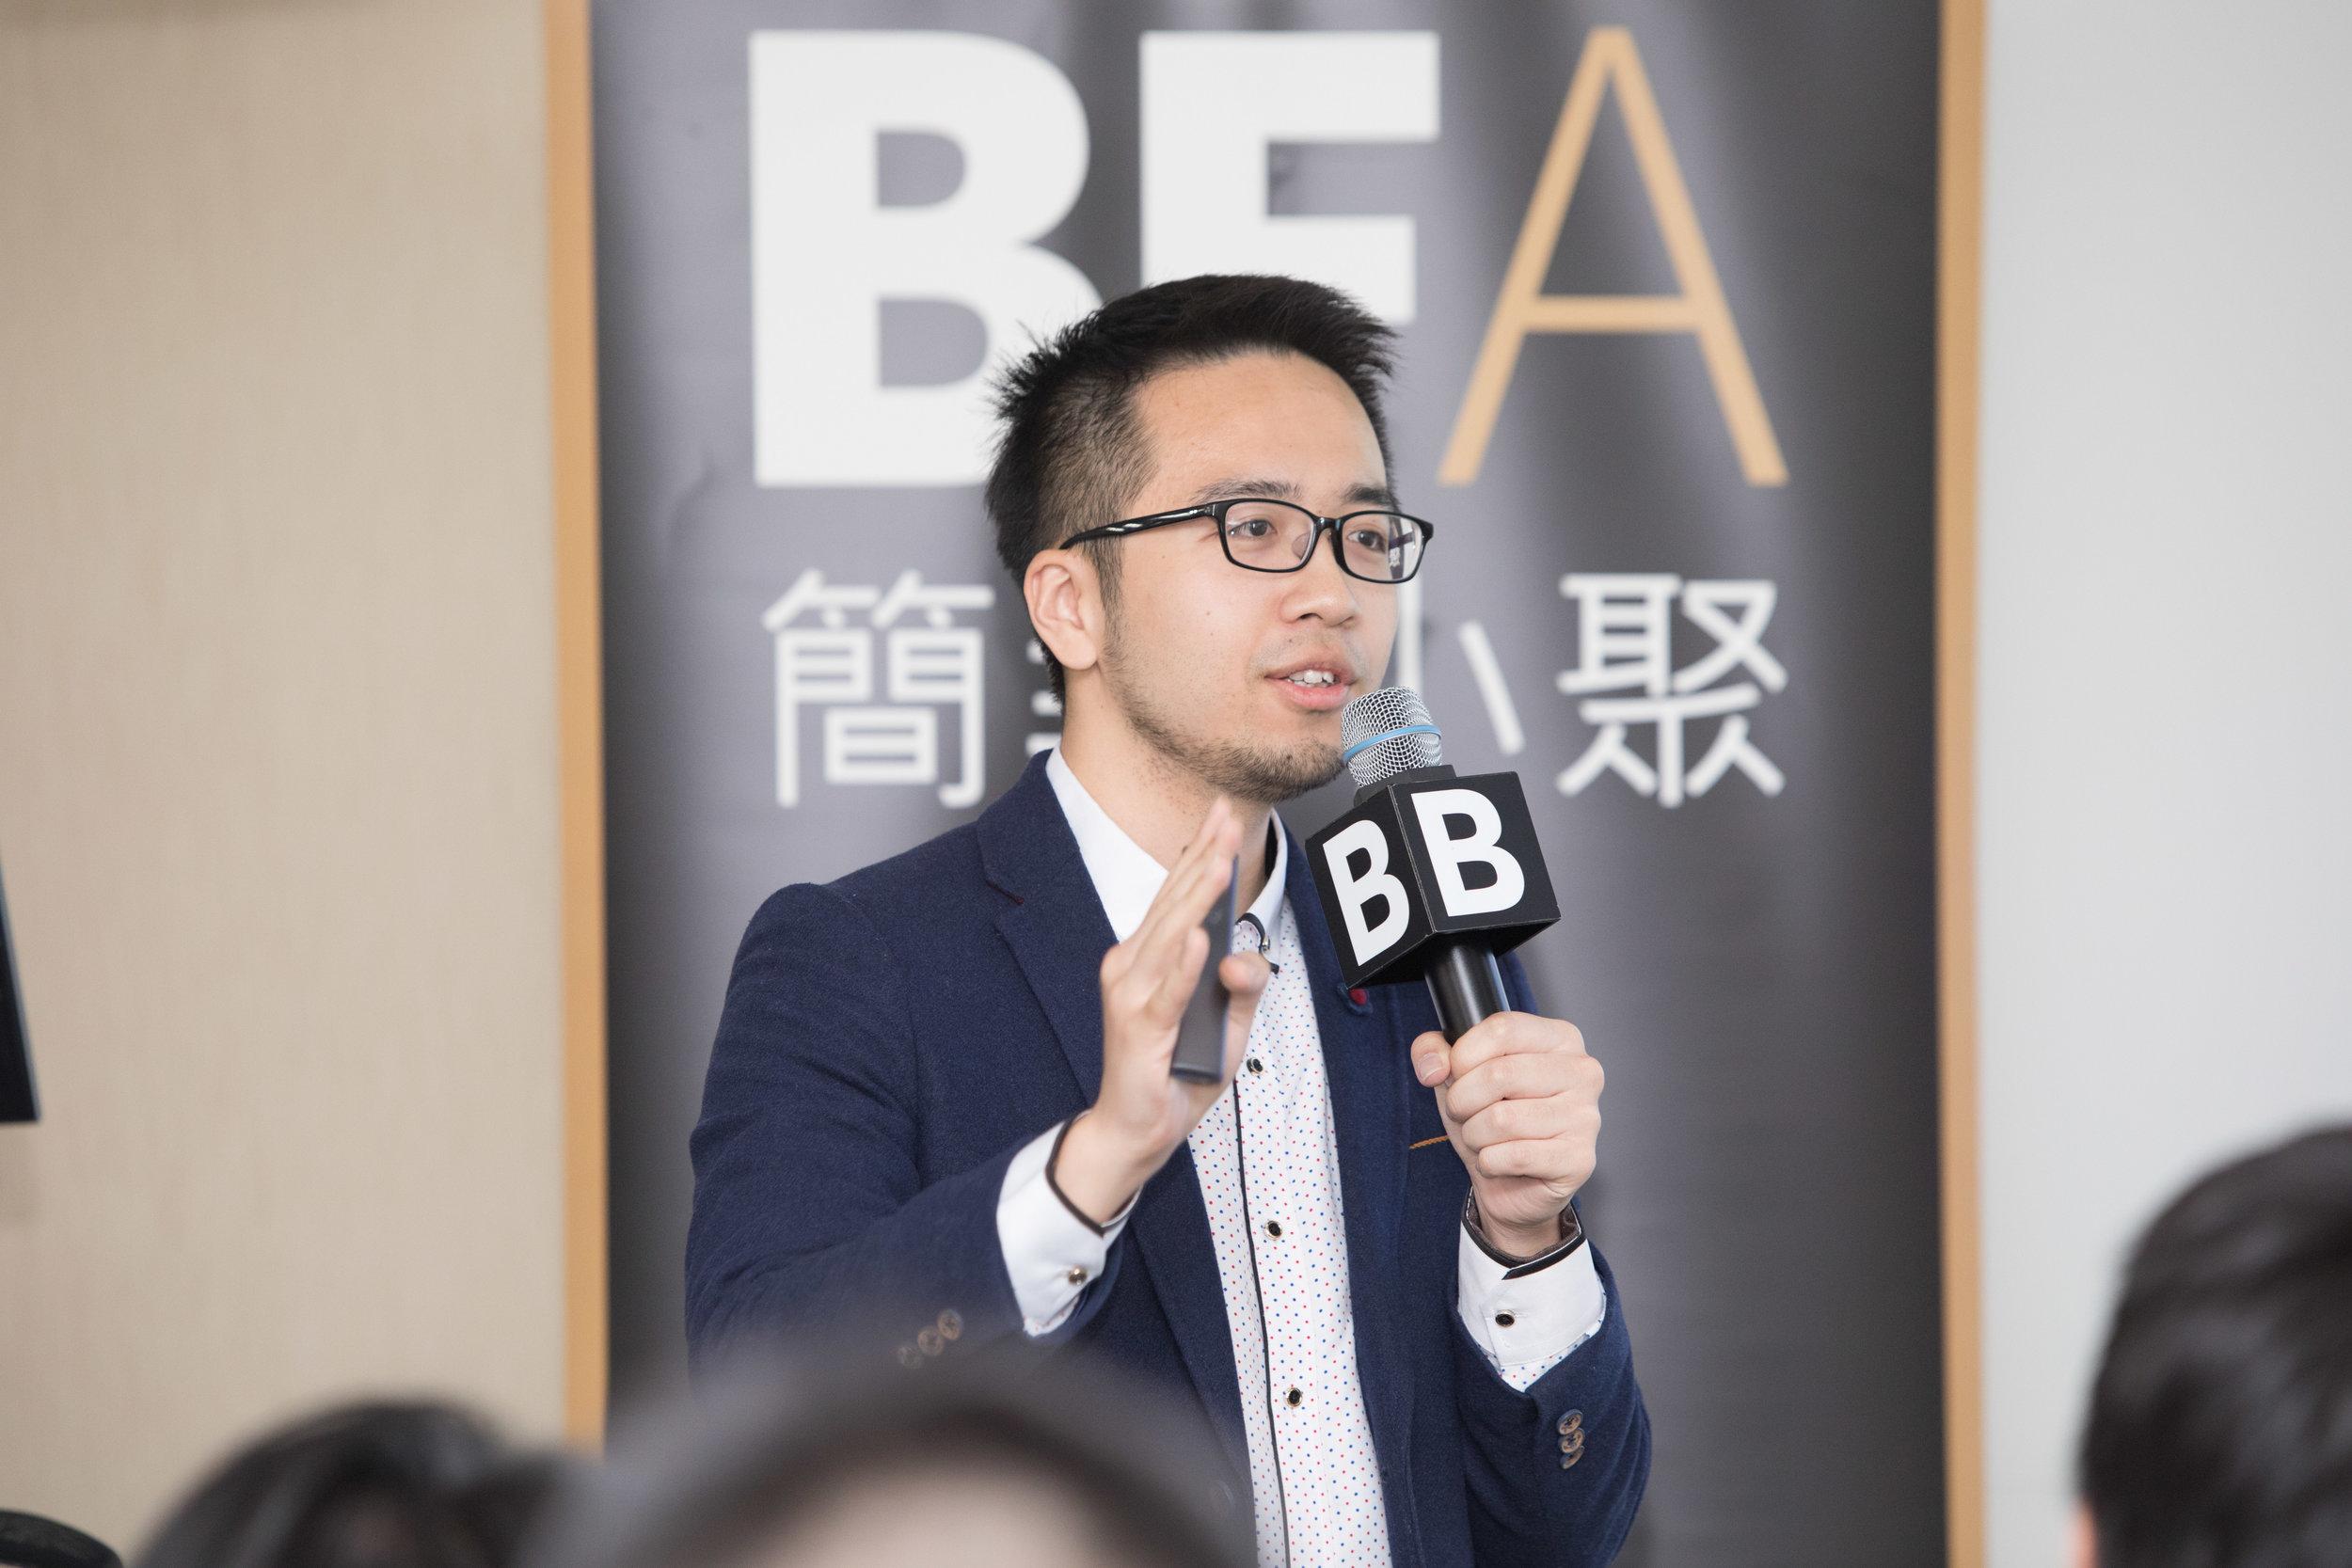 justfont 共同創辦 蘇煒翔:字體的存在是為了延續社交